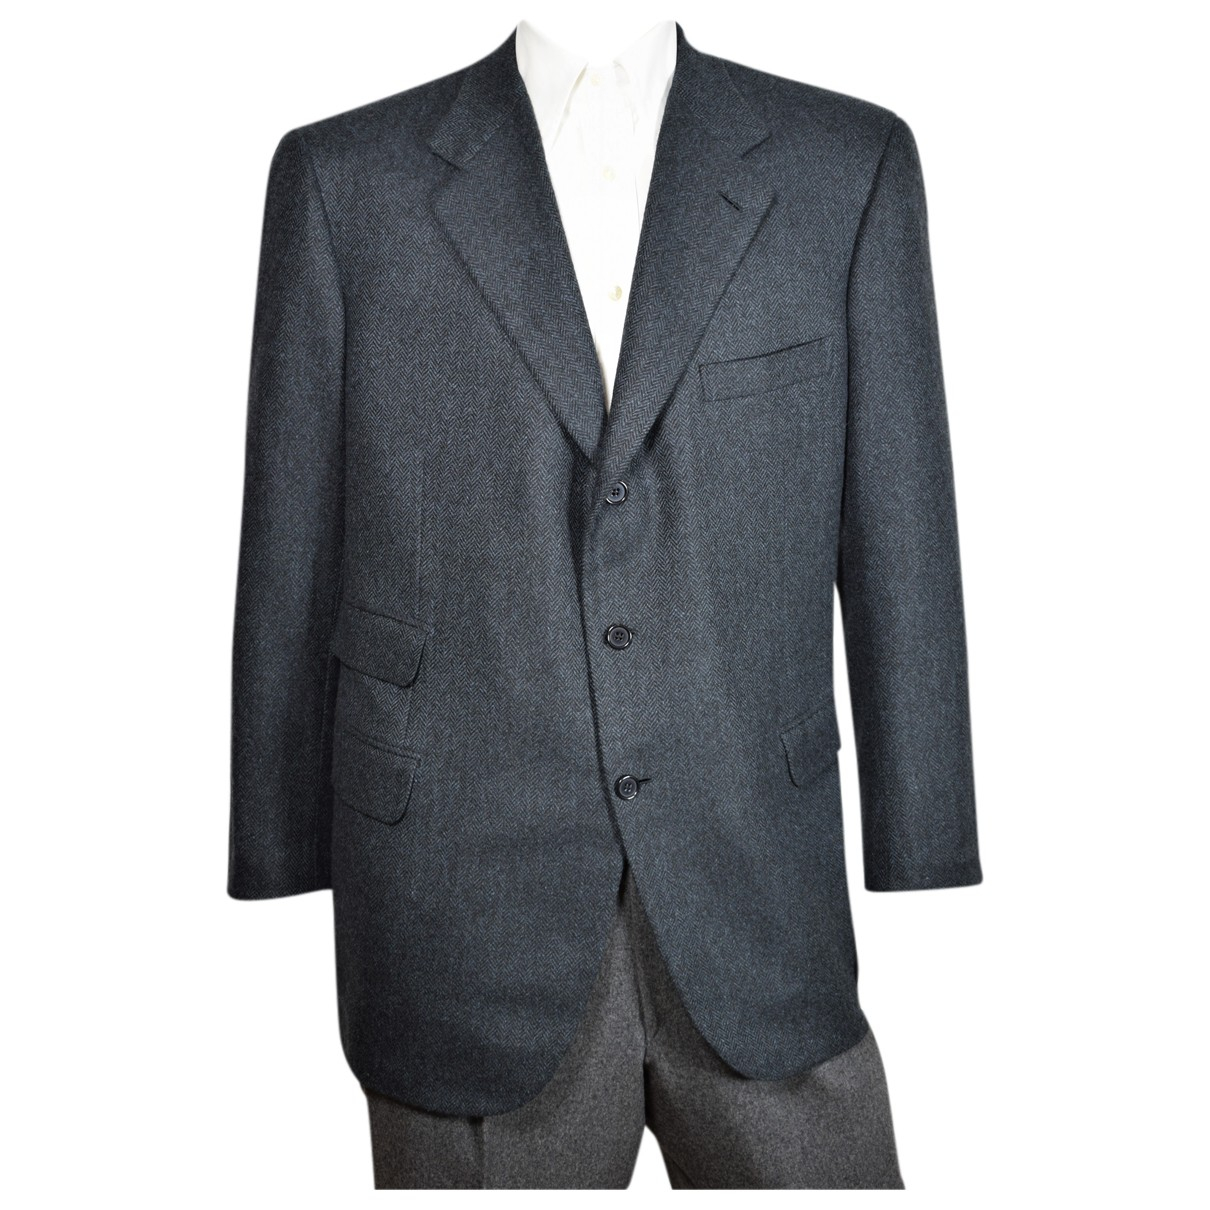 Brioni - Vestes.Blousons   pour homme en cachemire - gris